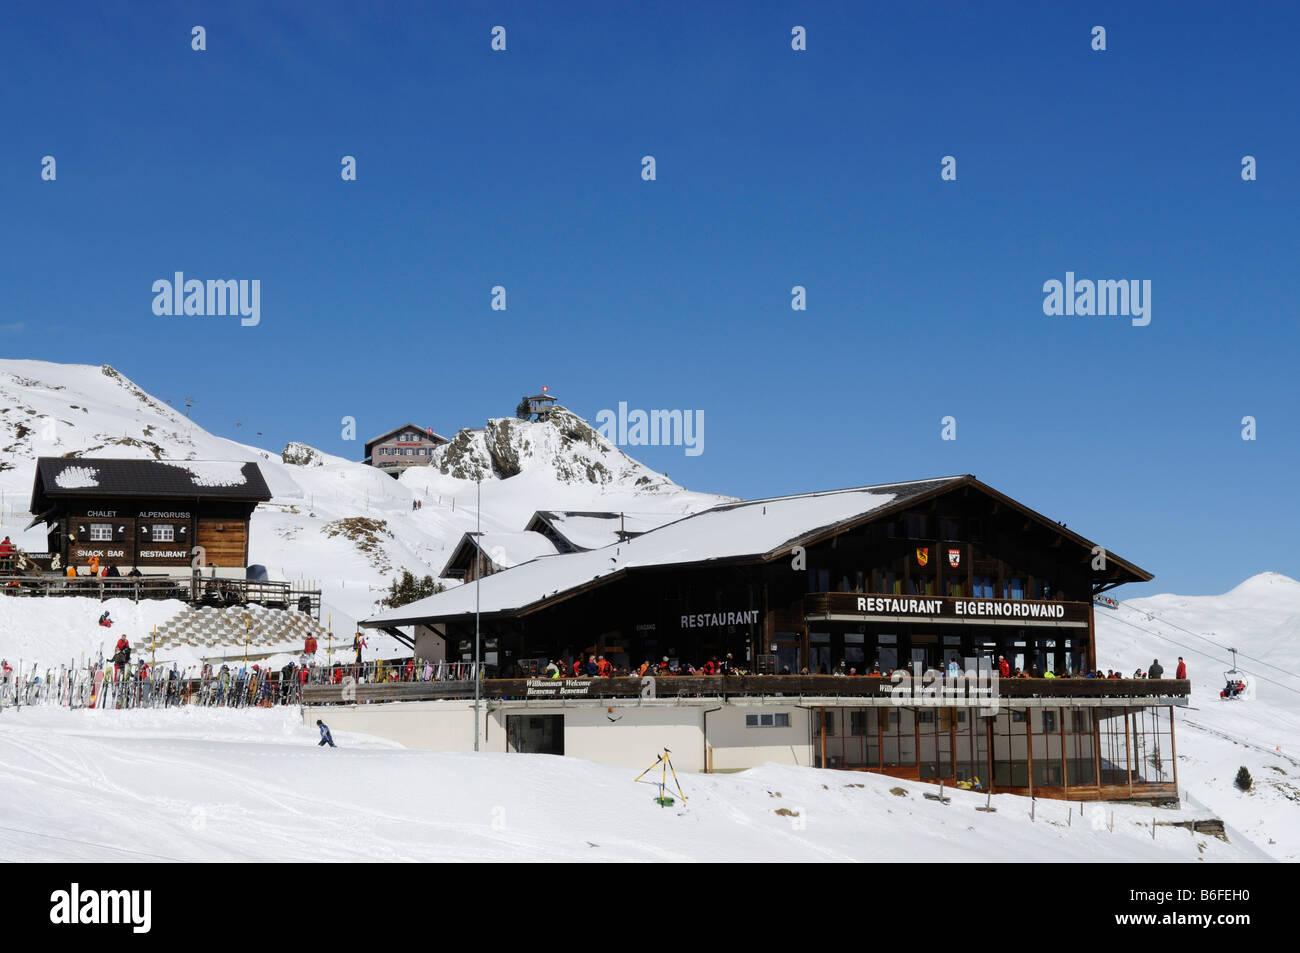 Eiger-Nordwand Restaurant, Alpengruss Chalet, Kleine Scheidegg Mountain, Grindelwald, Bernese Alps, Switzerland, - Stock Image